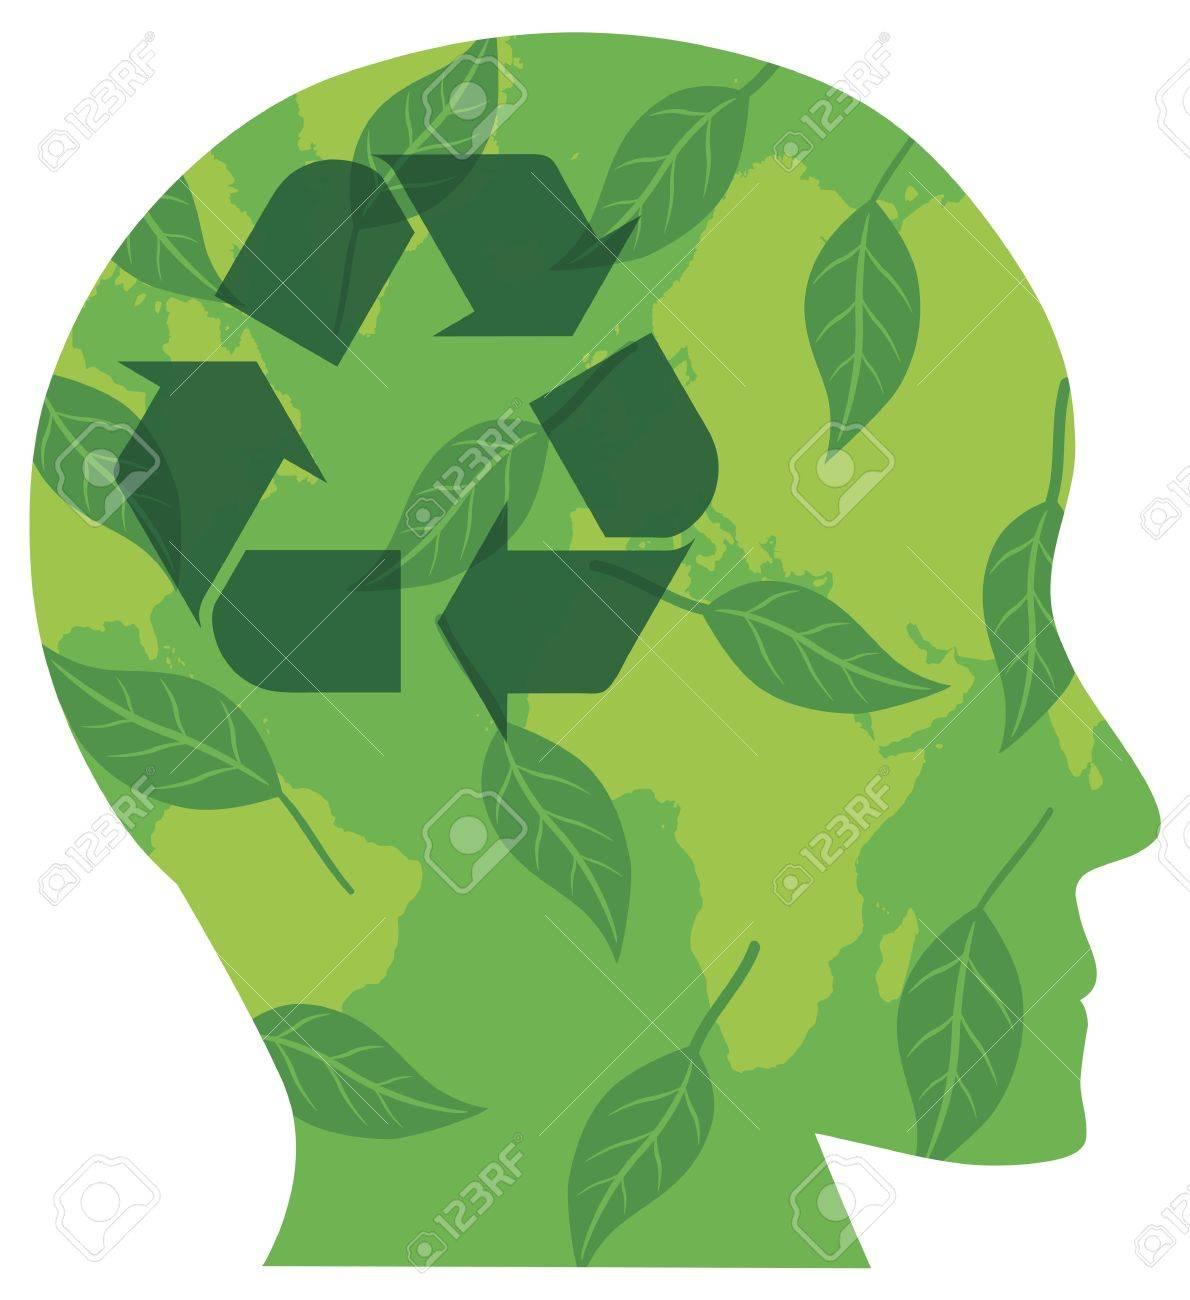 Silueta Cabeza Humana Con Símbolo De Reciclaje Ir Hojas Verdes Y Del ...